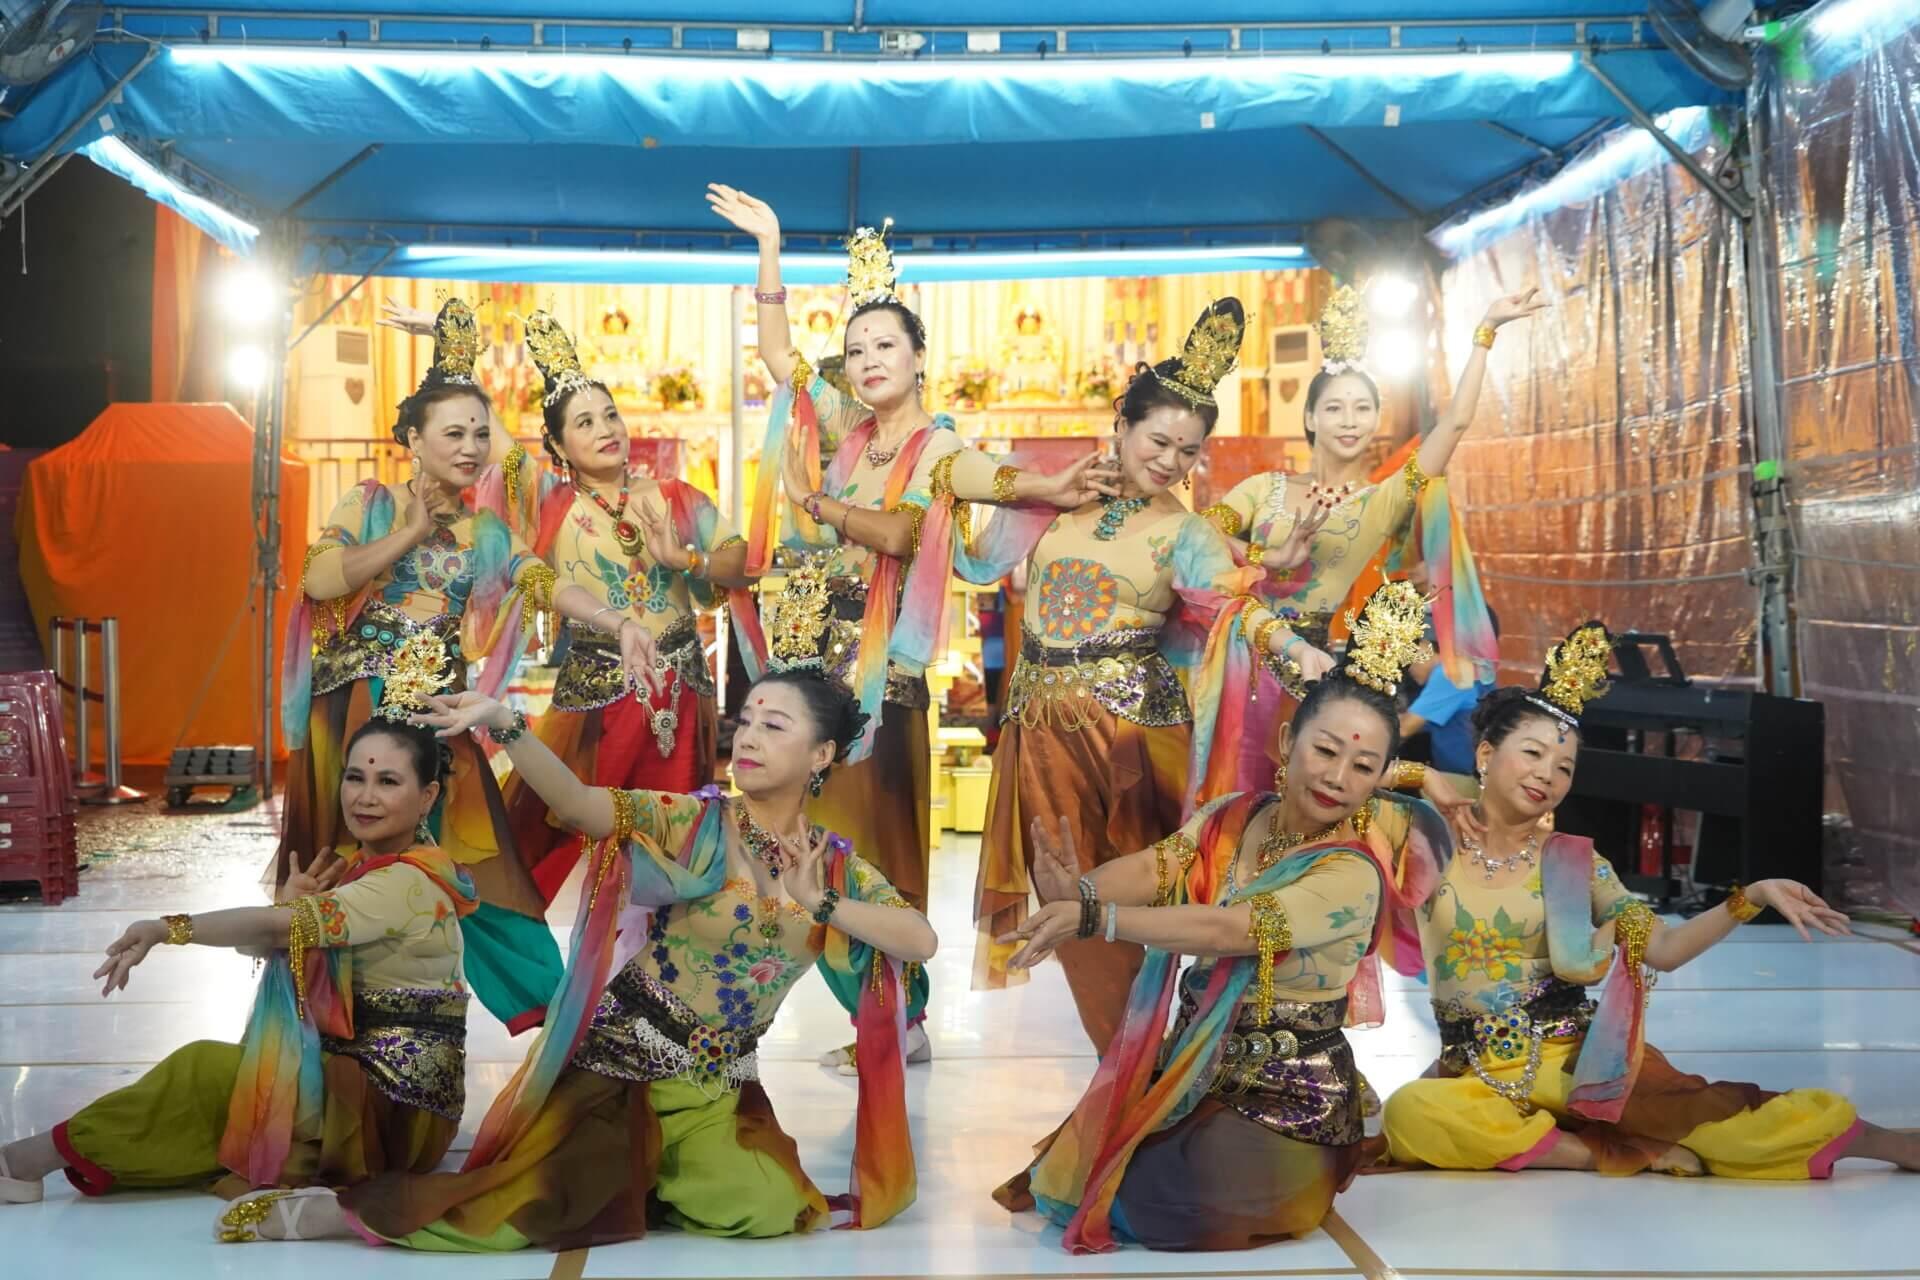 行動佛殿112站台北市政府,觀自在舞團公益演出